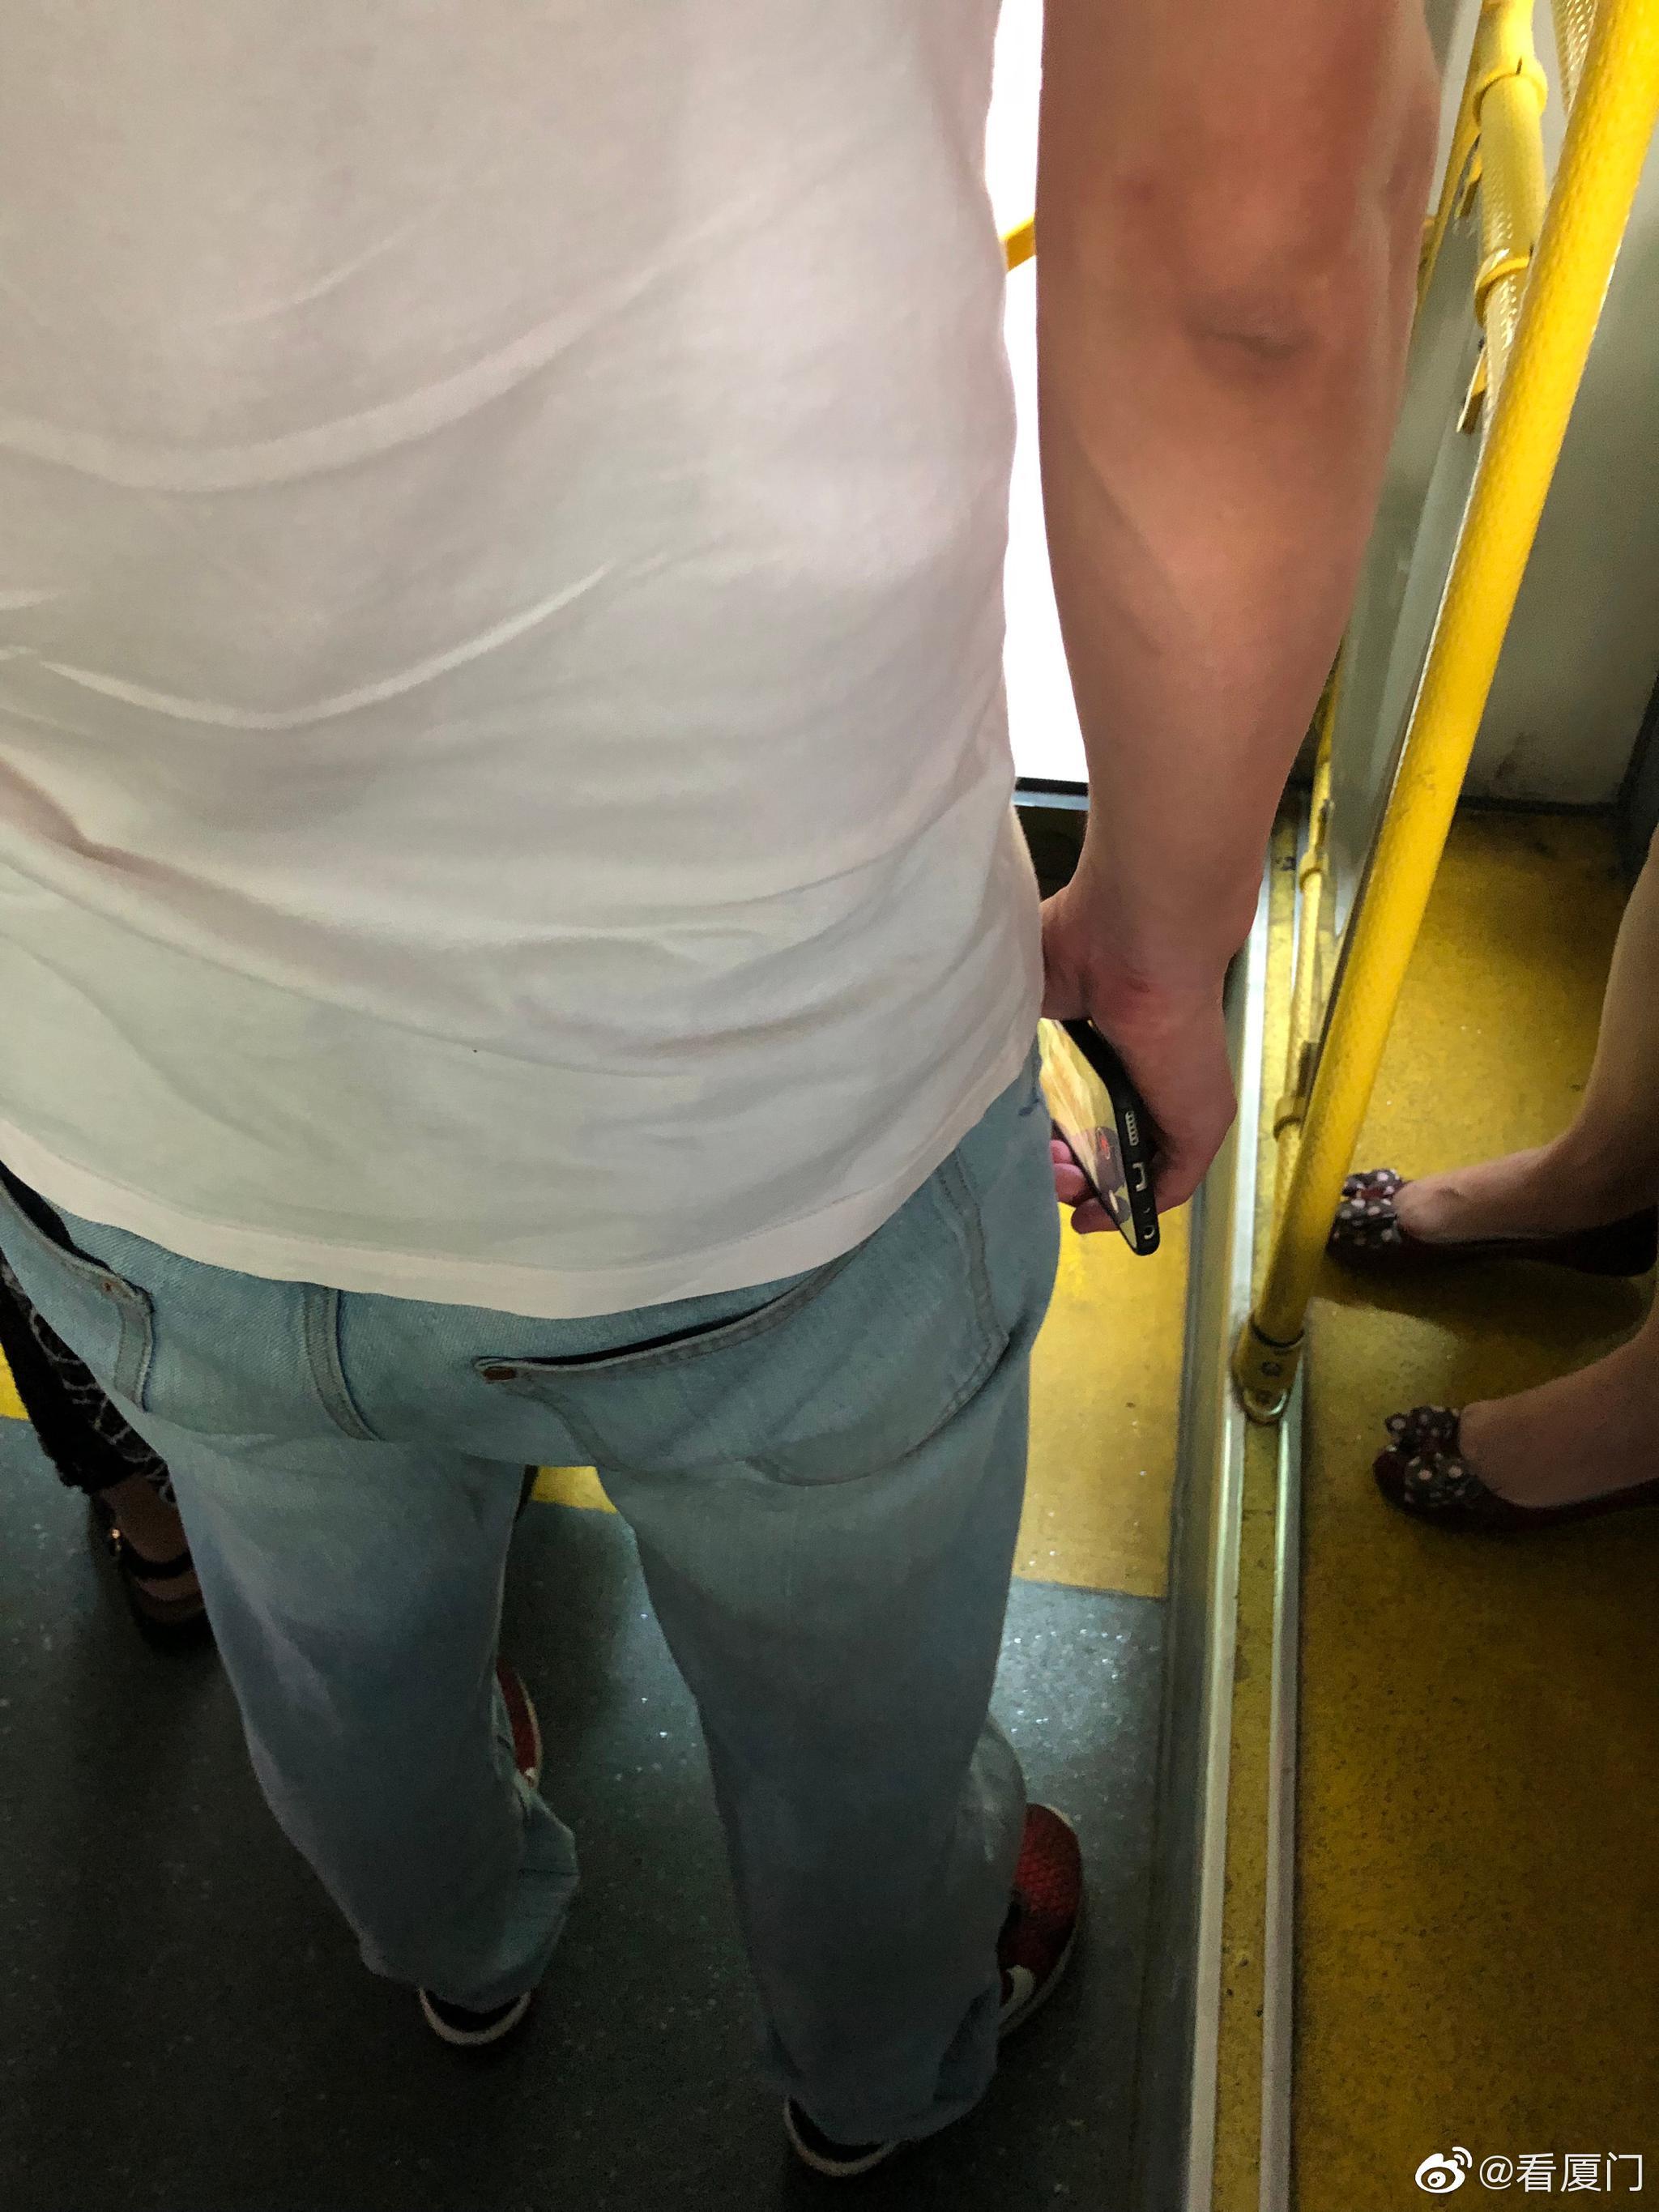 举报一个变态  24路公车上 偷拍女生裙底  在岳阳小区站下车 估计在附